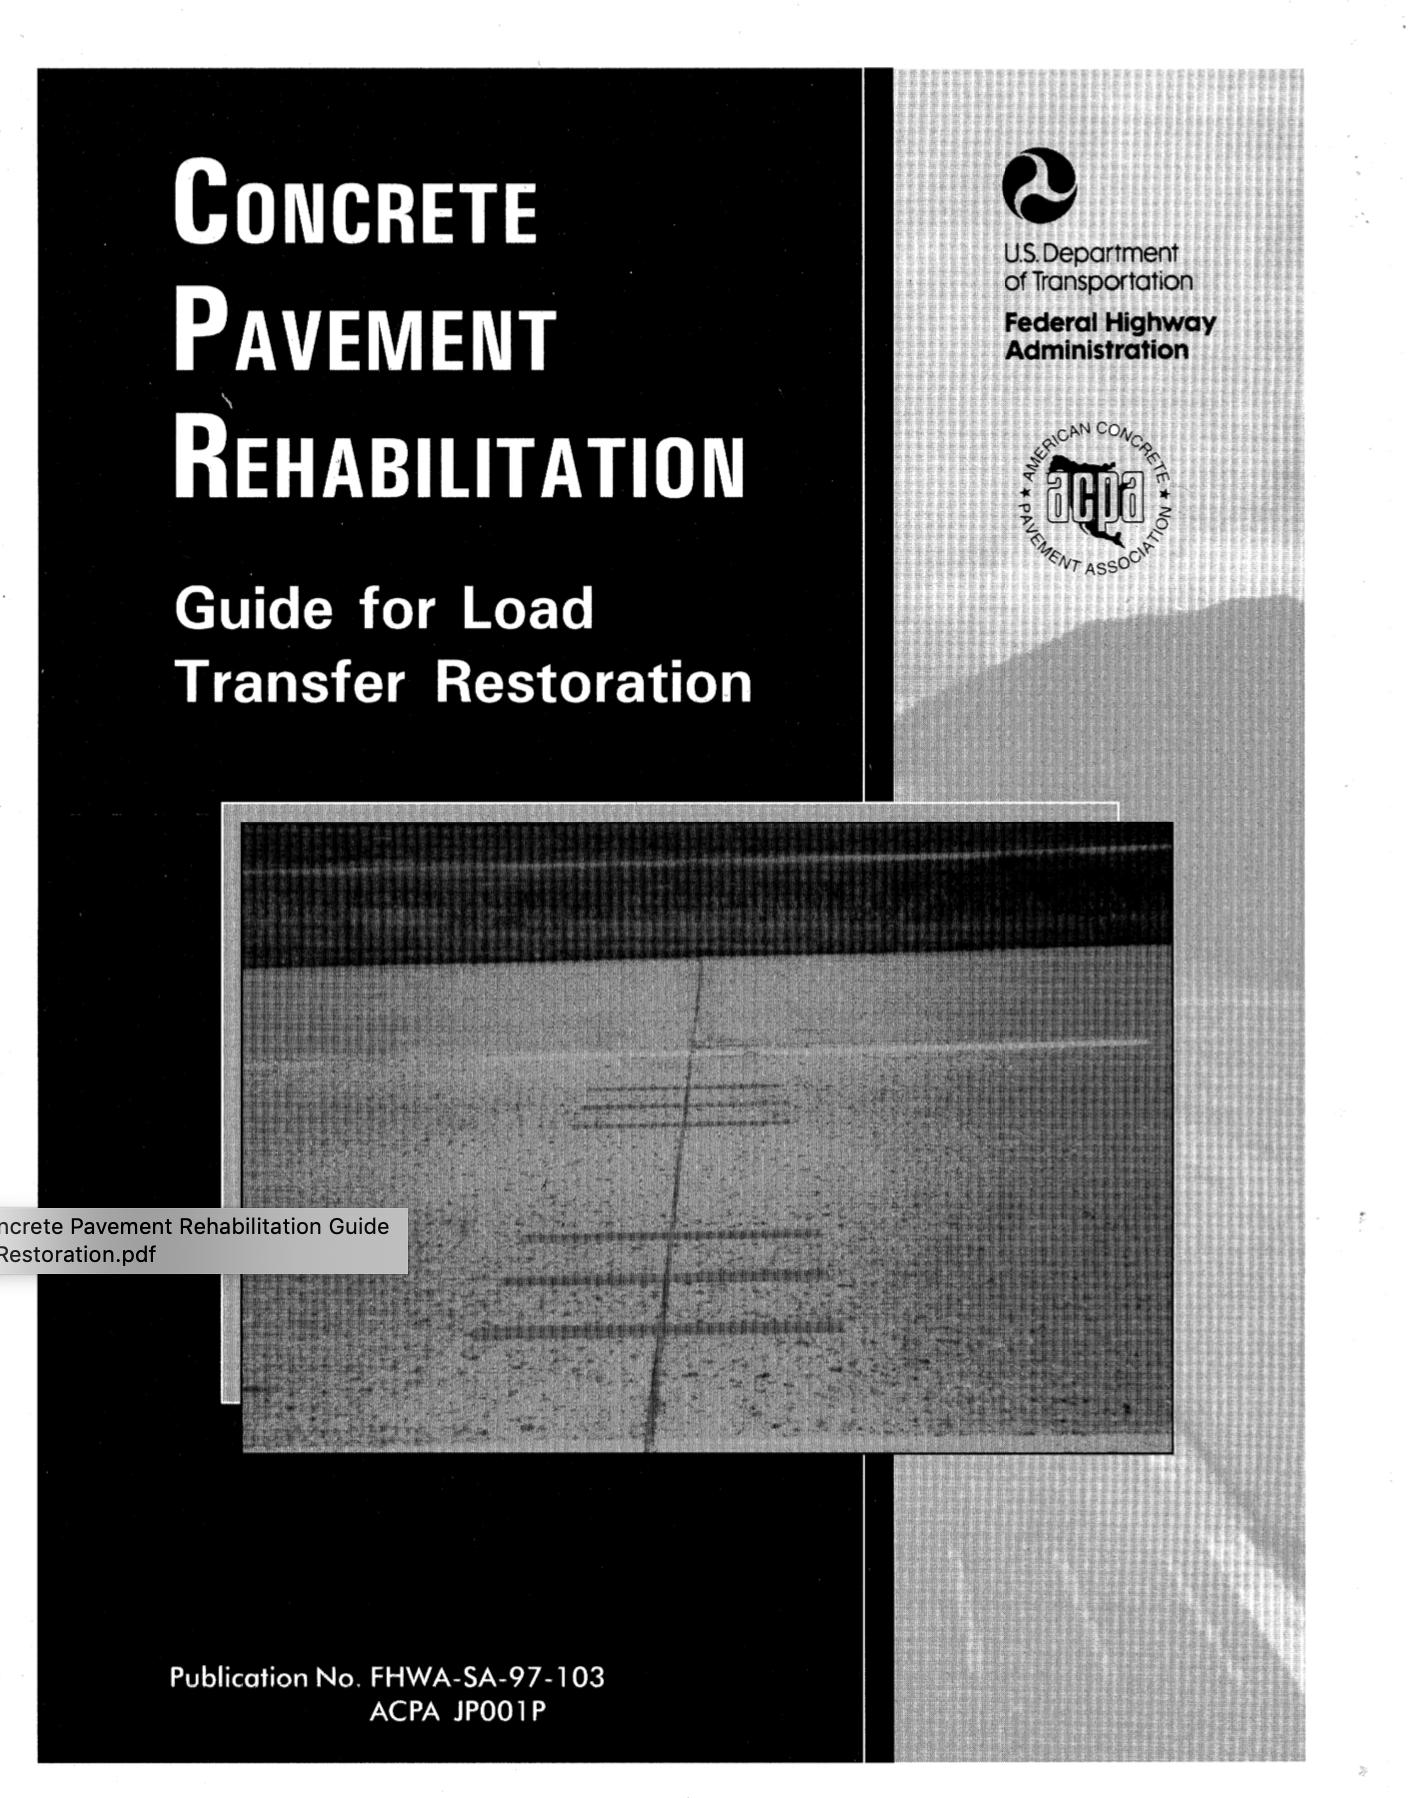 Concrete Pavement Rehabilitation: Guide for Load Transfer Restoration [PUB]